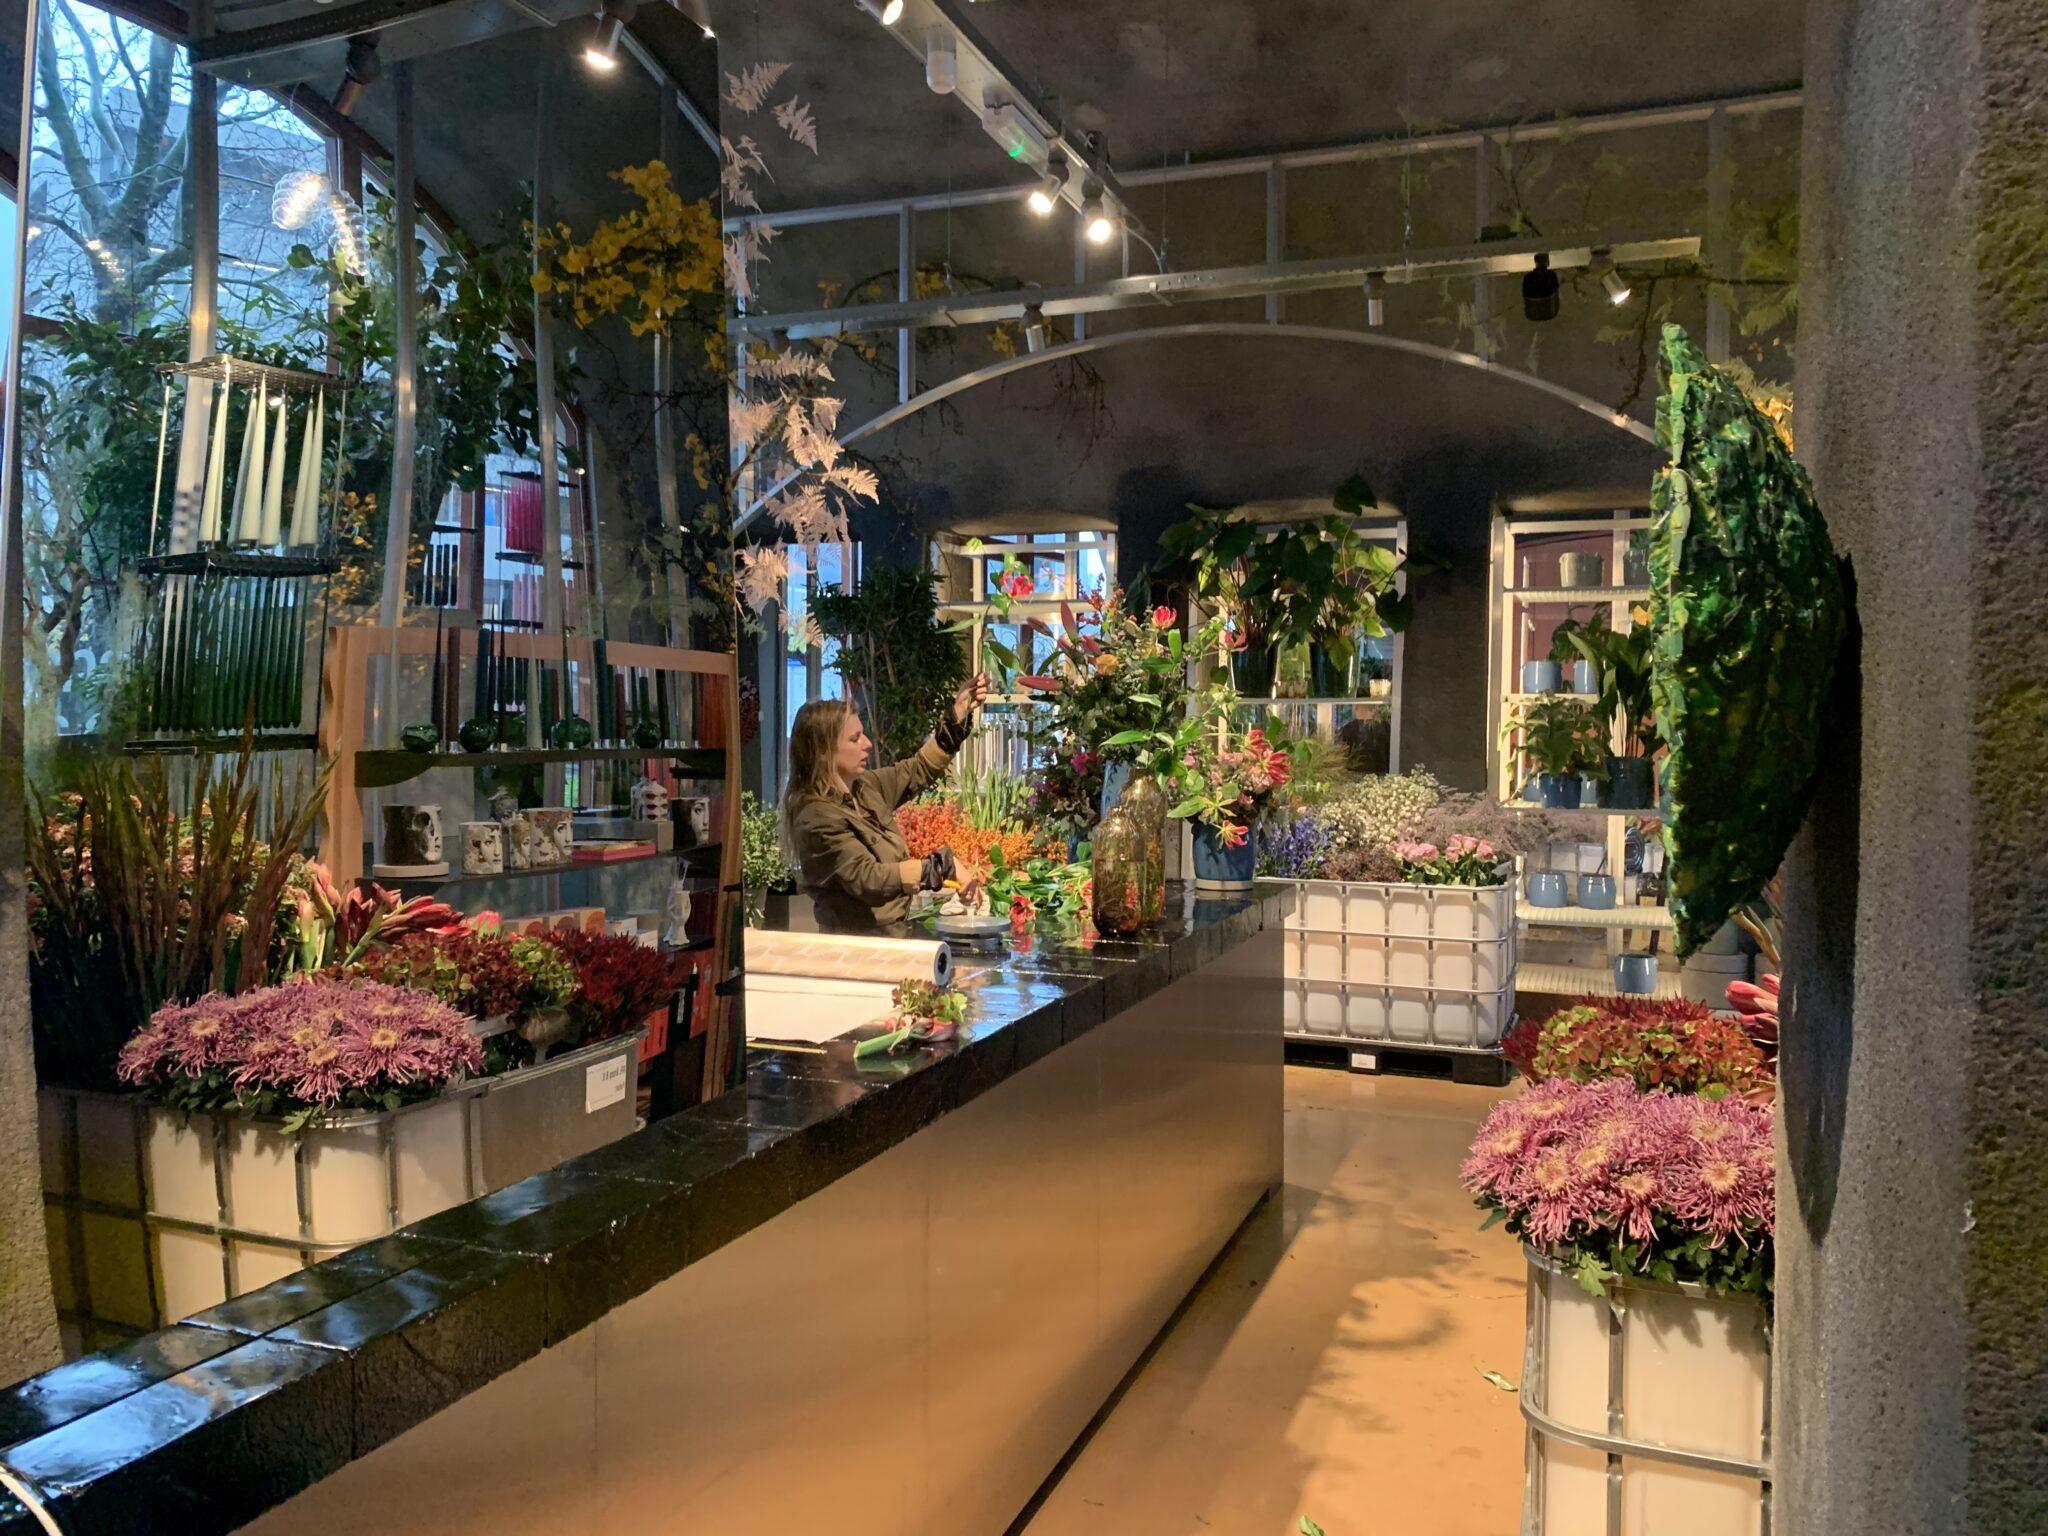 S Zomers In De Hofbogen Is Open En Misschien Wel De Mooiste Winkel Van Rotterdam Indebuurt Rotterdam